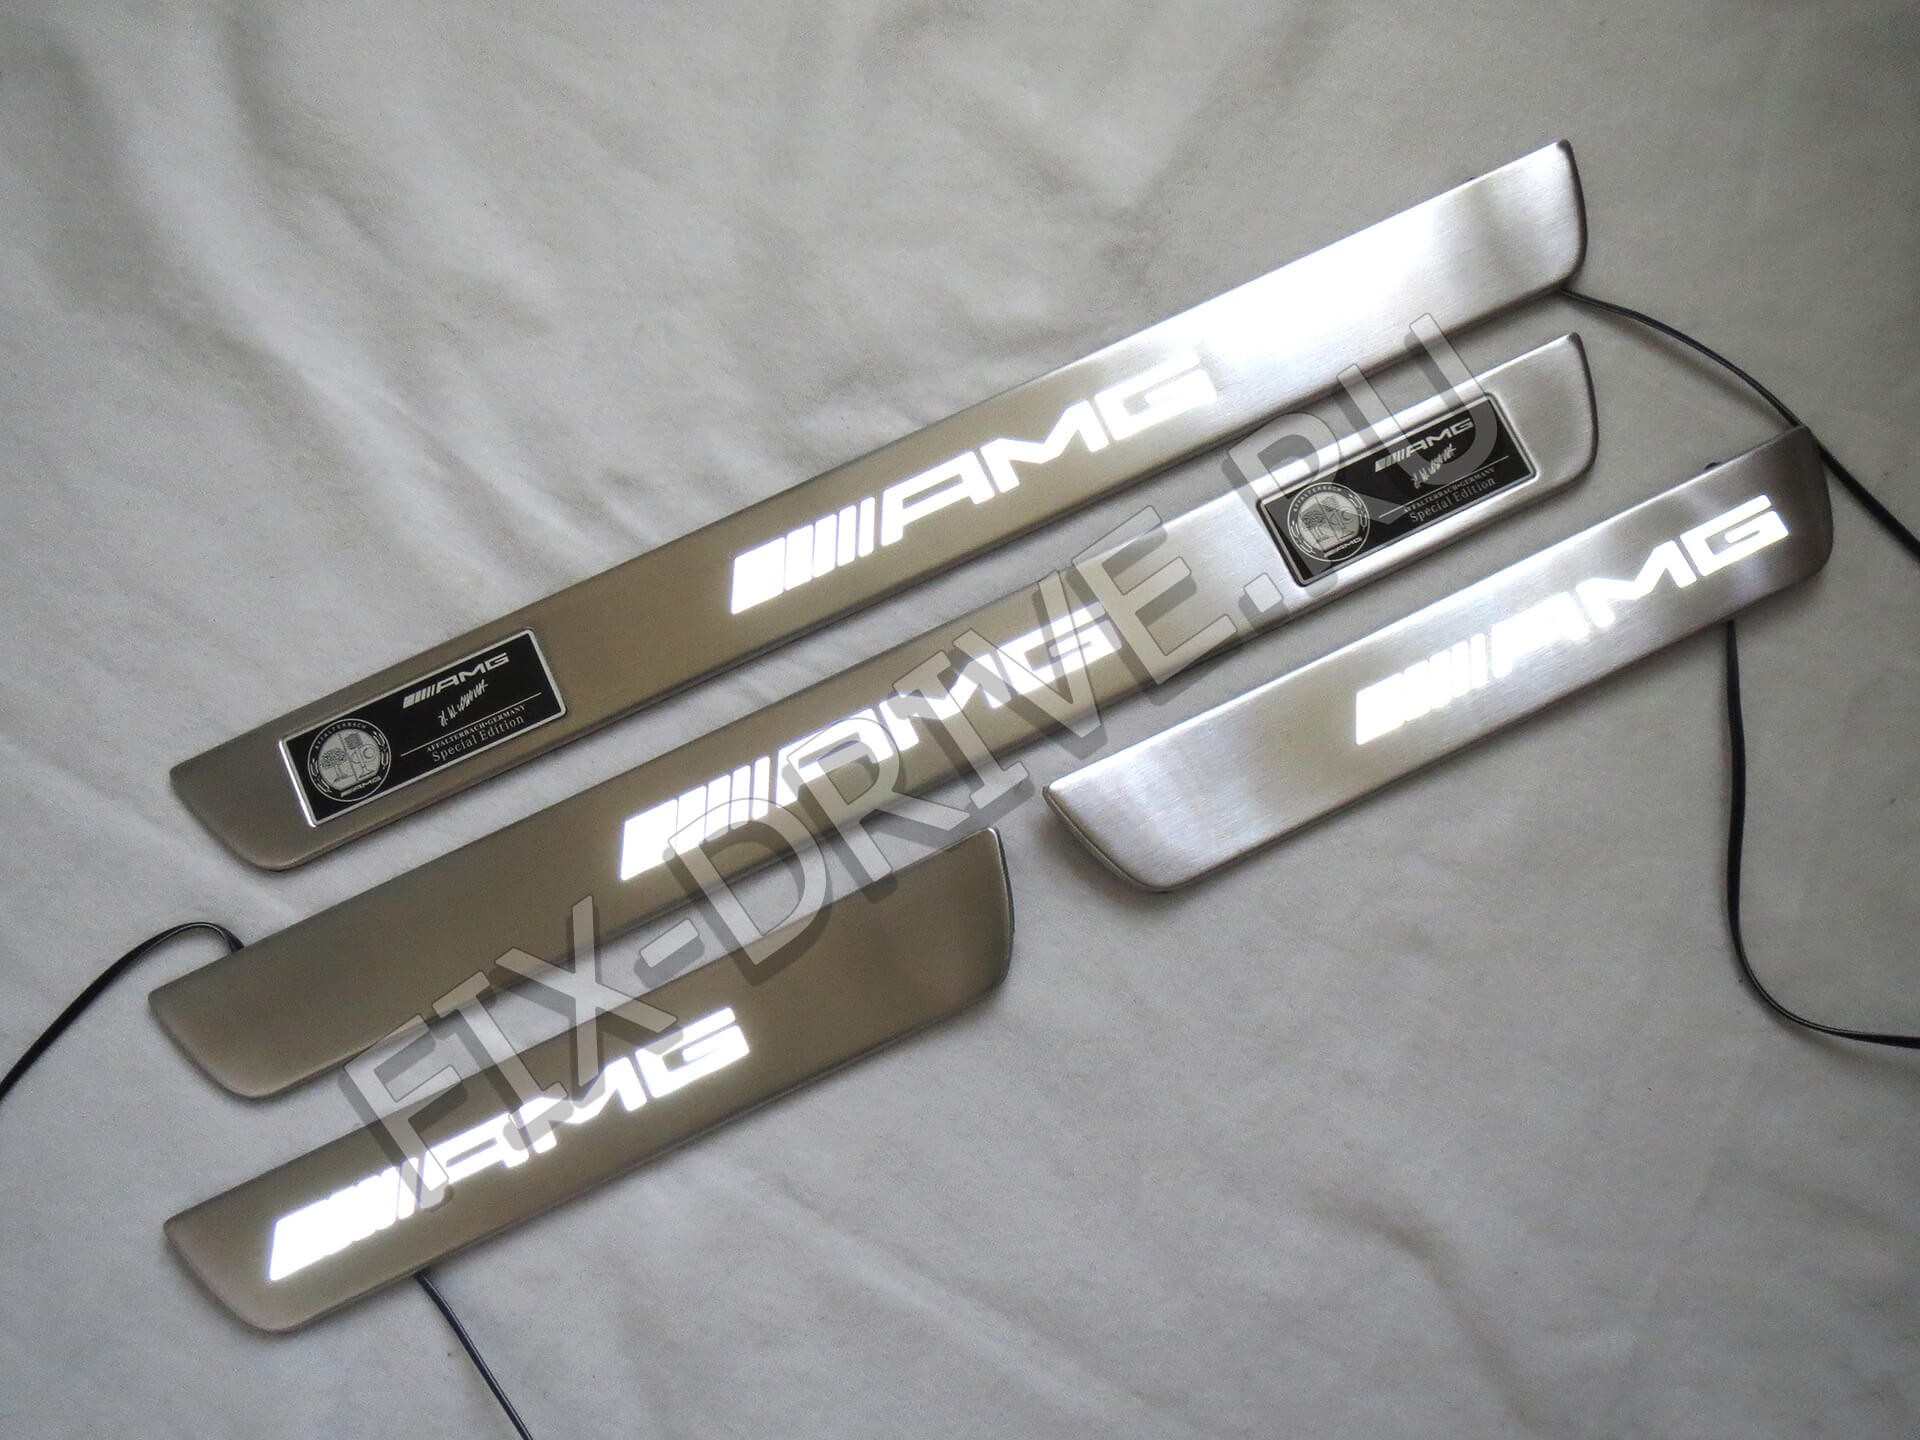 Пороги AMG w205 светящиеся C205 250 300 400